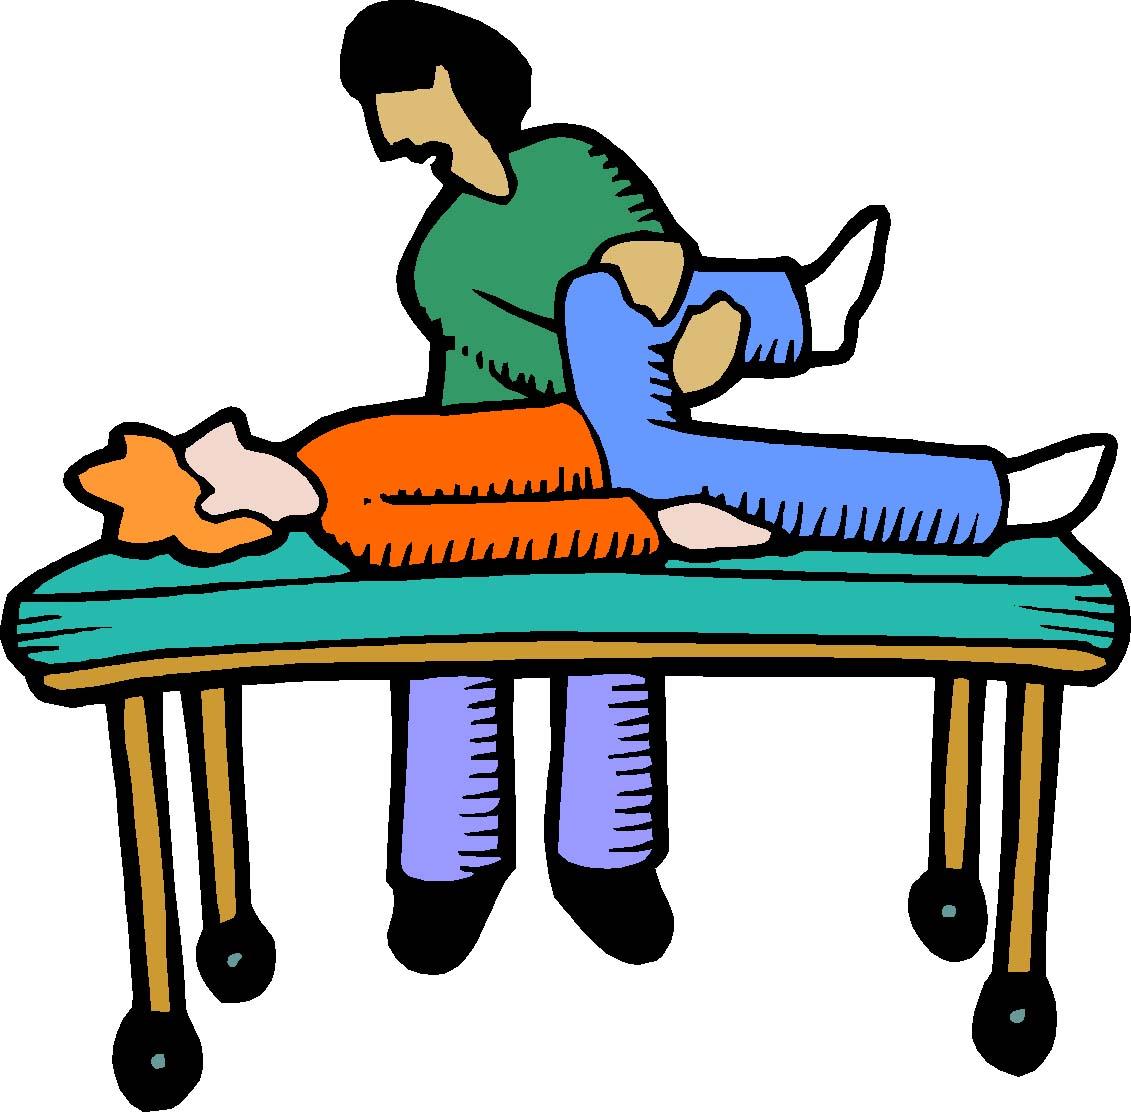 Physical Rehab Clipart.